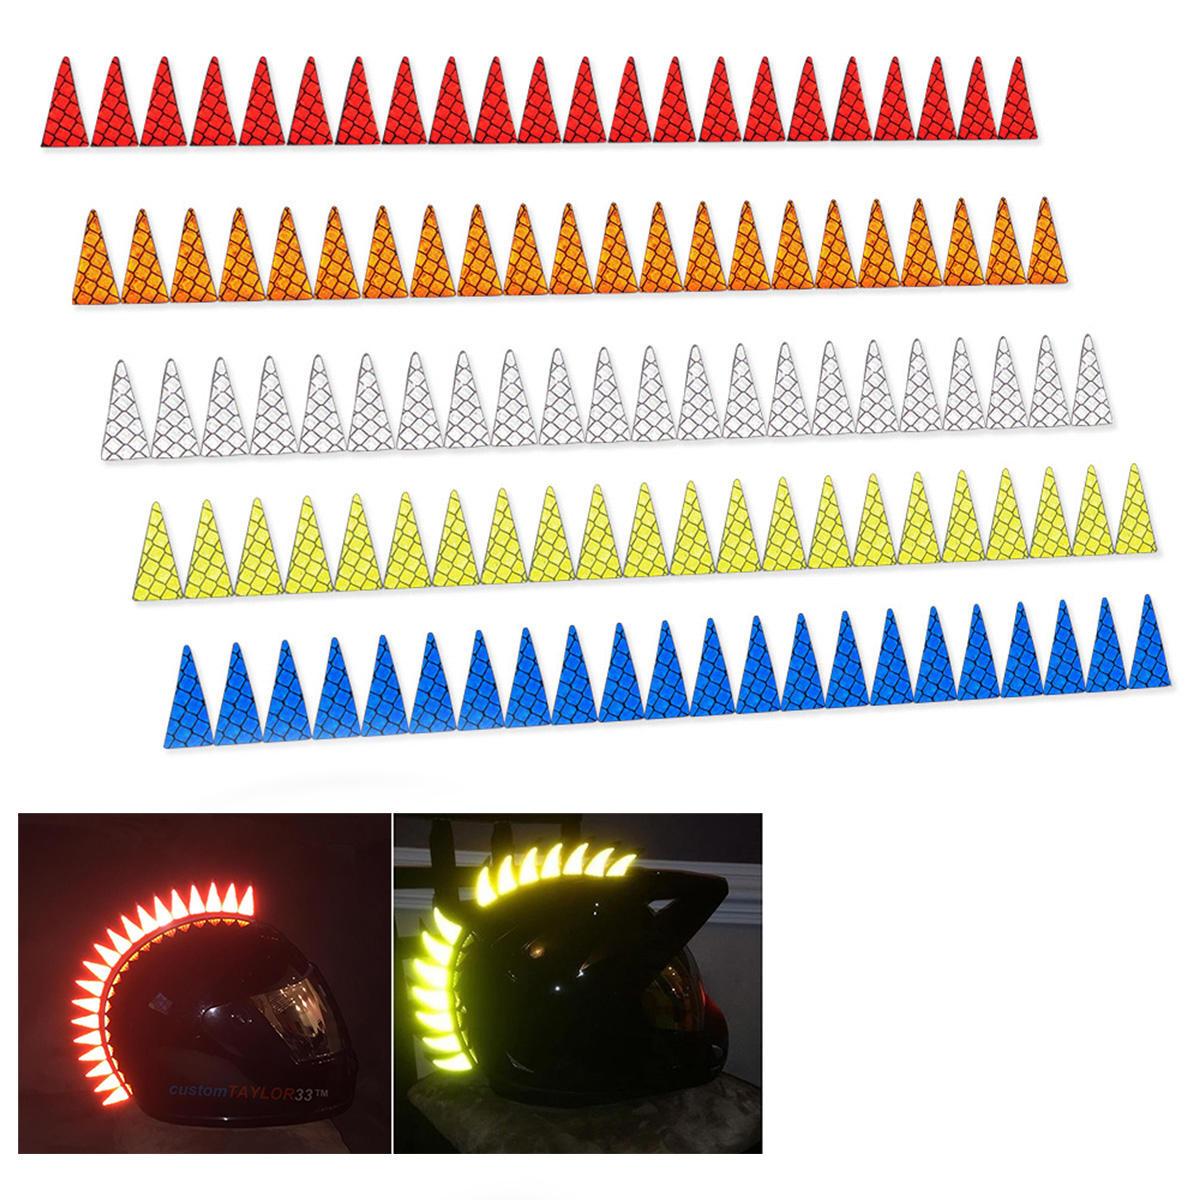 22 Cuchillas Mohawk Warhawk Spikes vio calcomanías adhesivas reflectantes para casco de goma Moto bicicleta